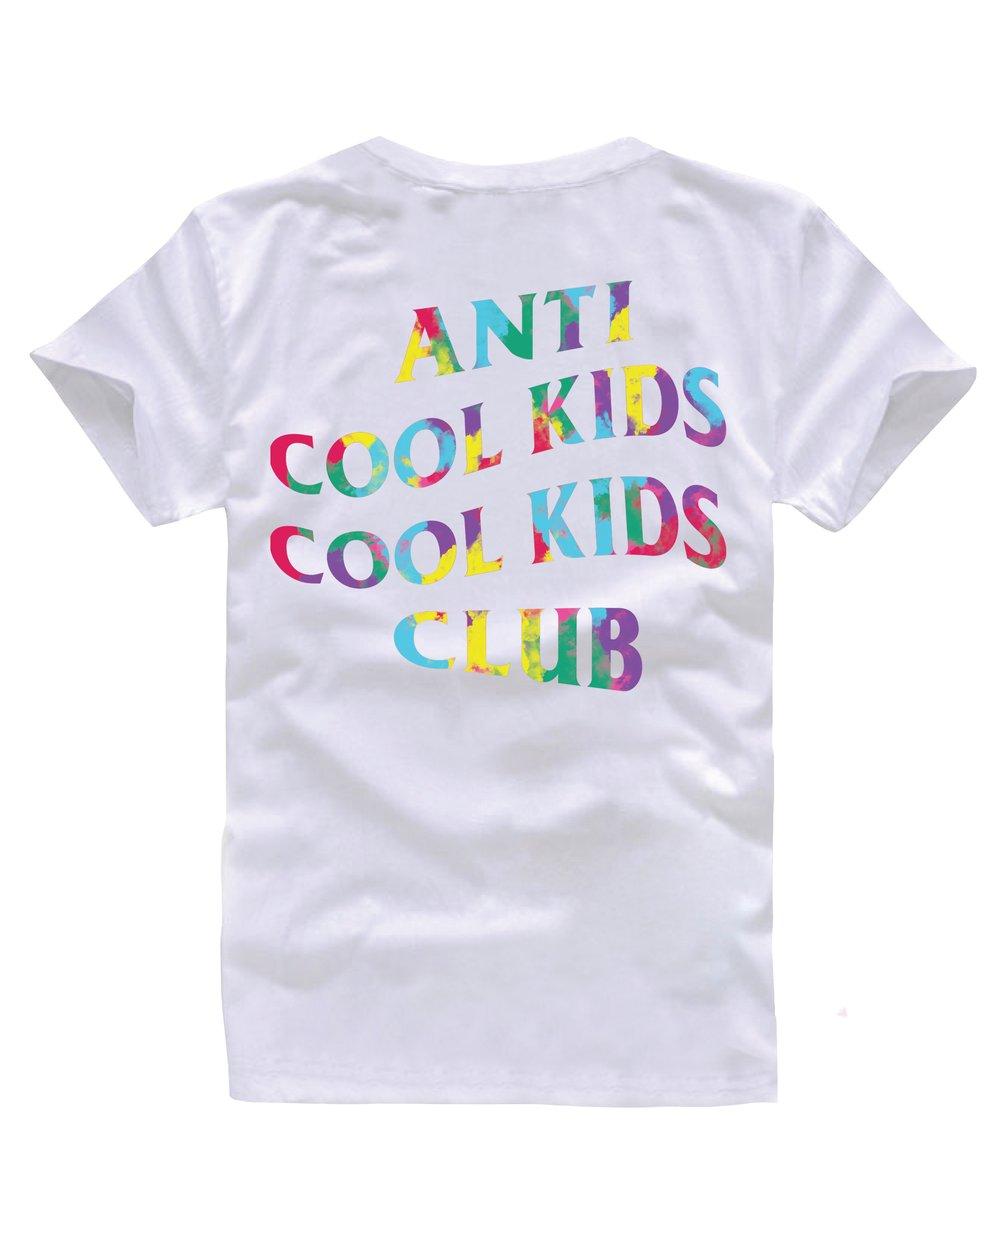 ANTI COOL KIDS TIE DYE WHITE